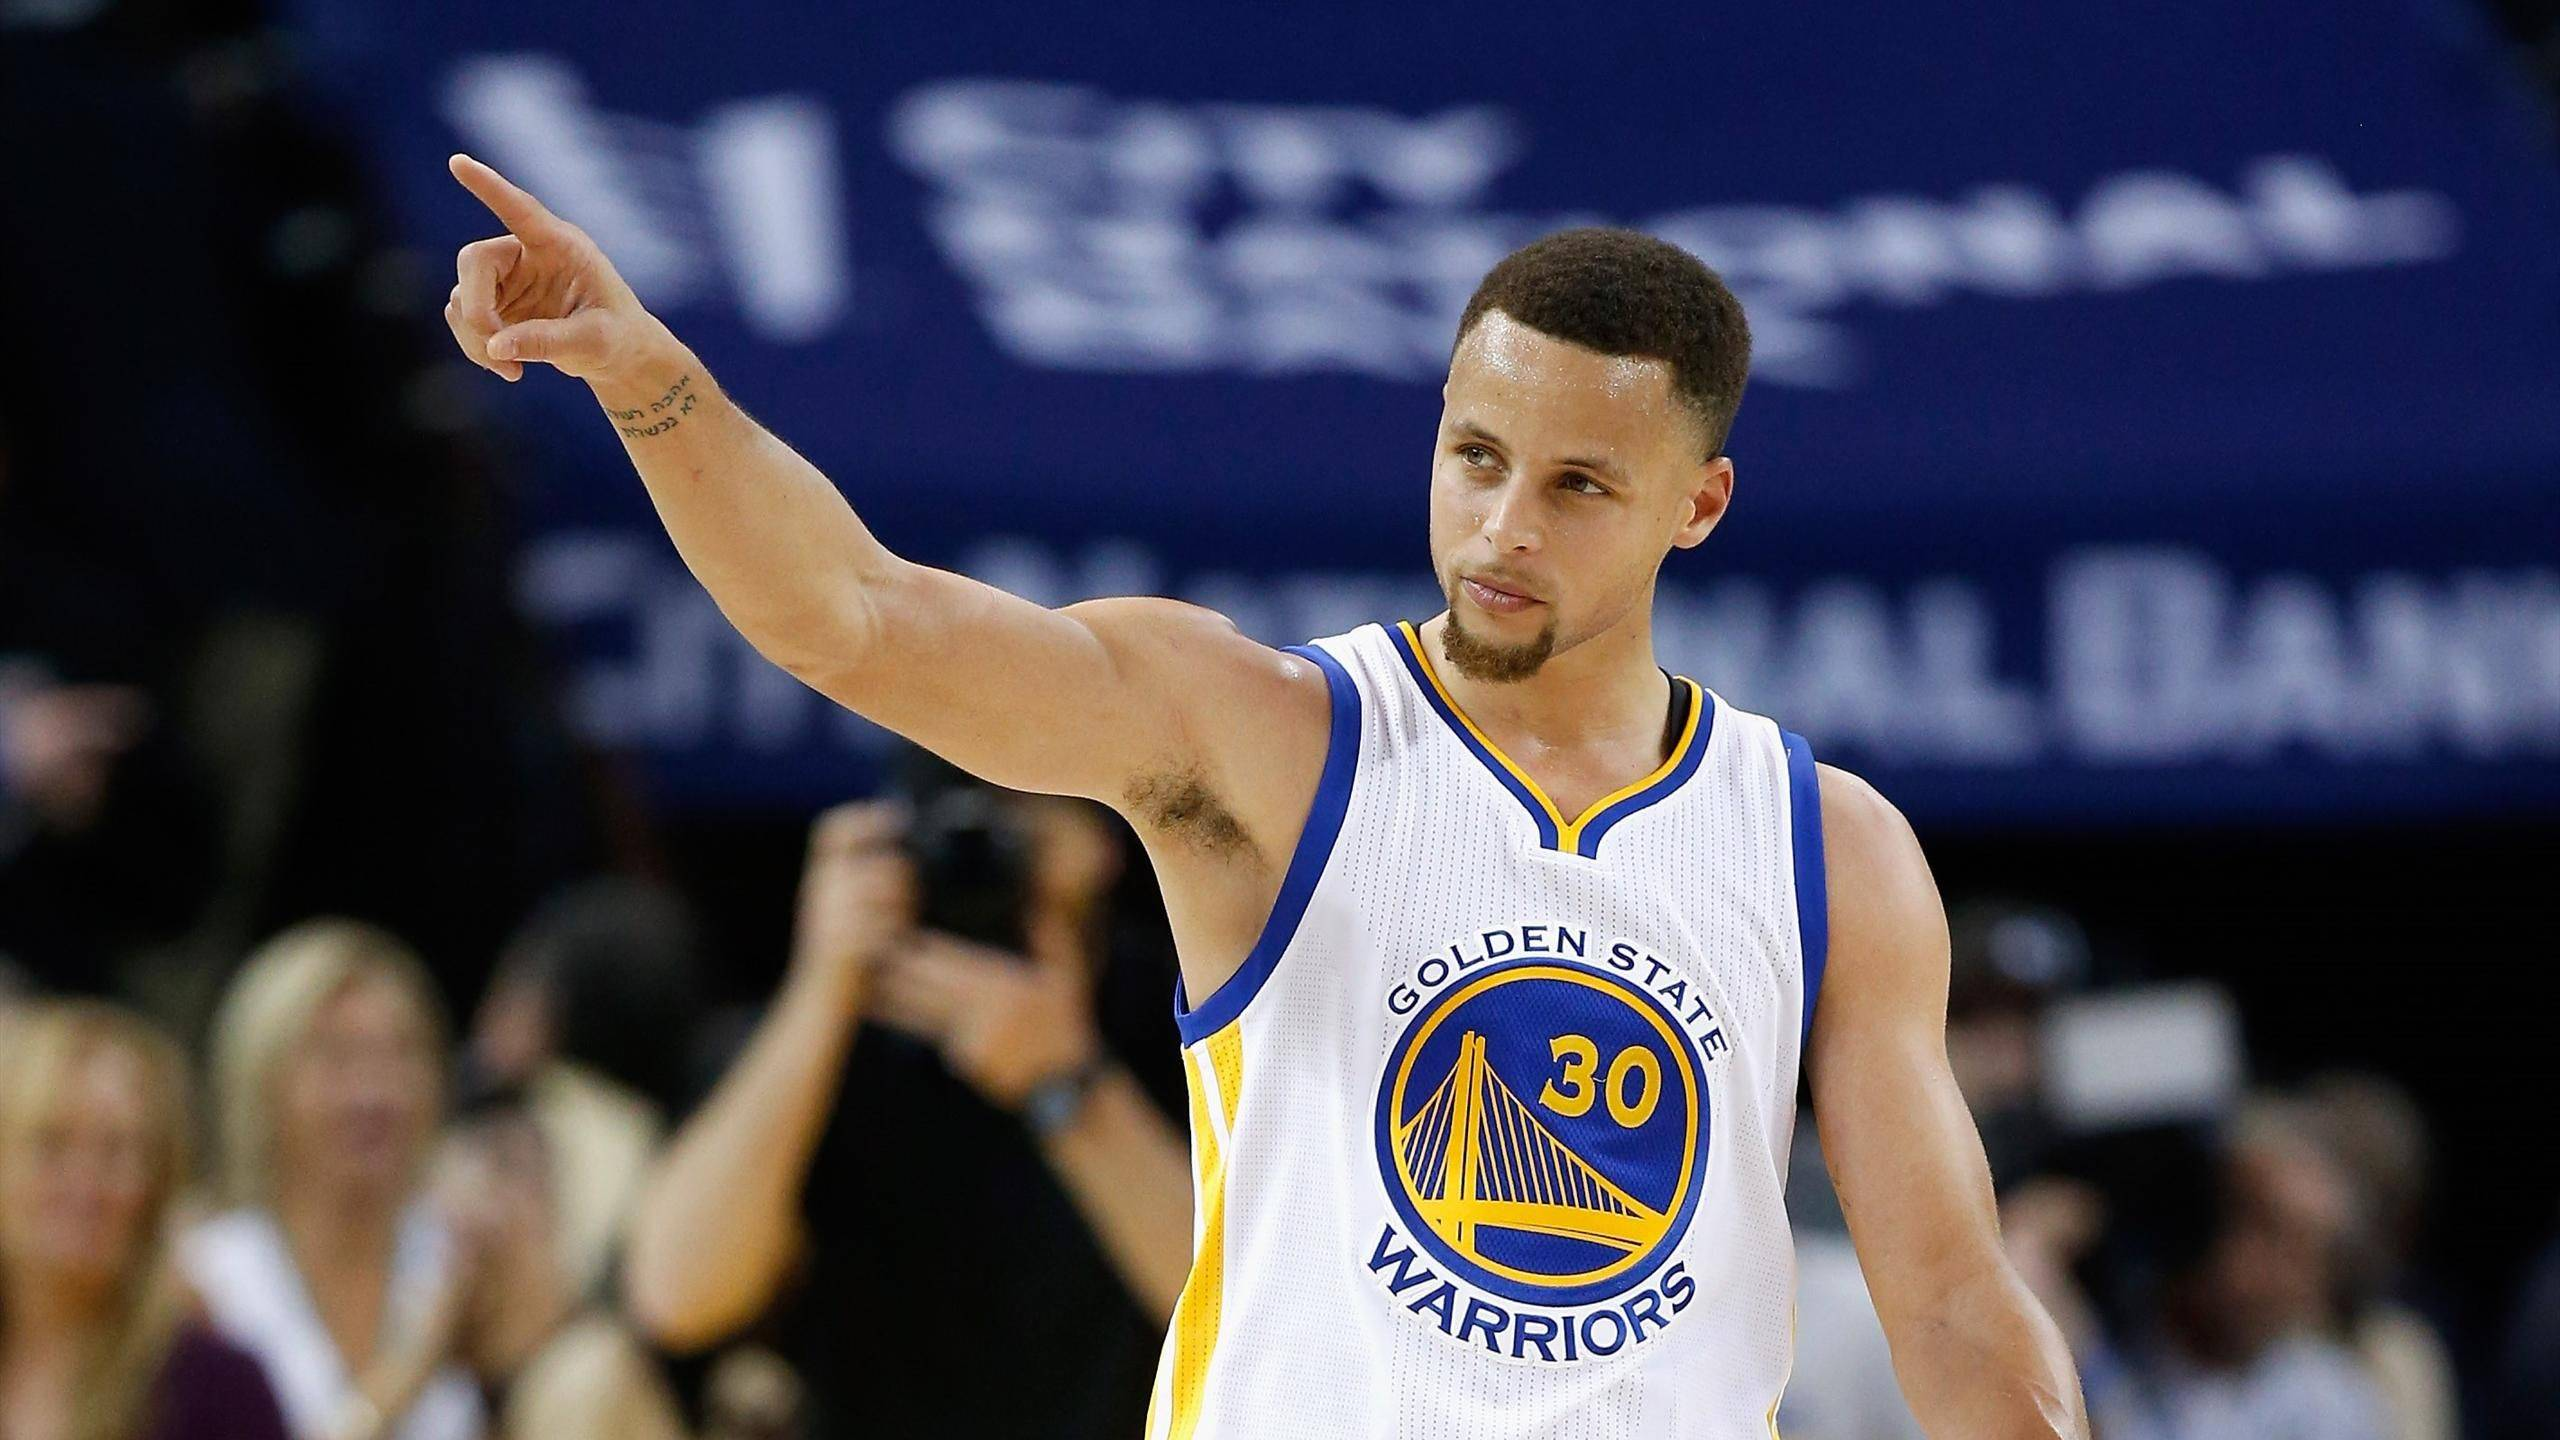 原创             NBA综述:绿军击败勇士,爵士险胜活塞,步行者大胜灰熊